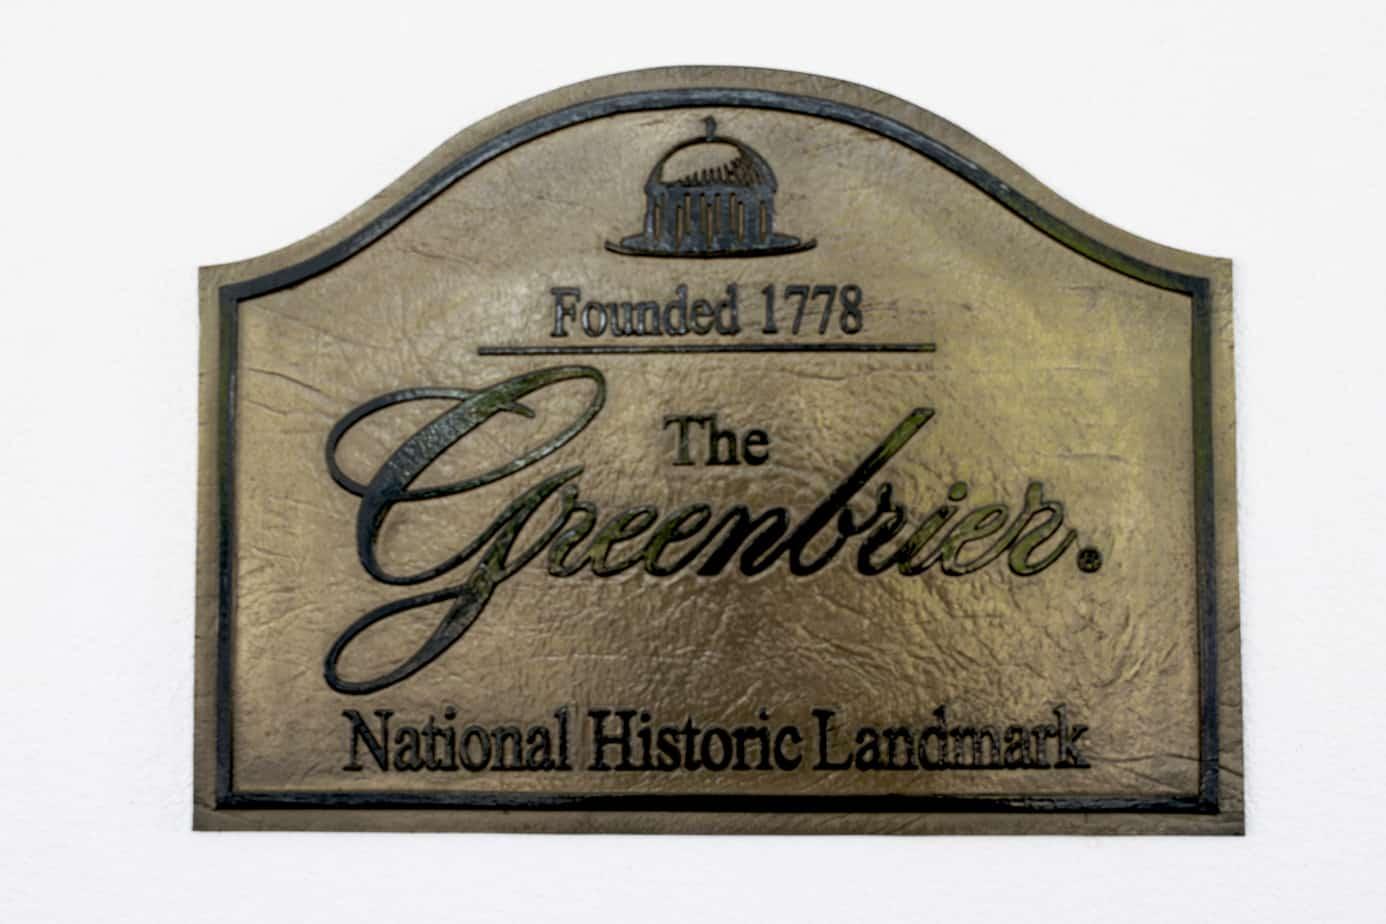 The Greenbrier National Historic Landmark